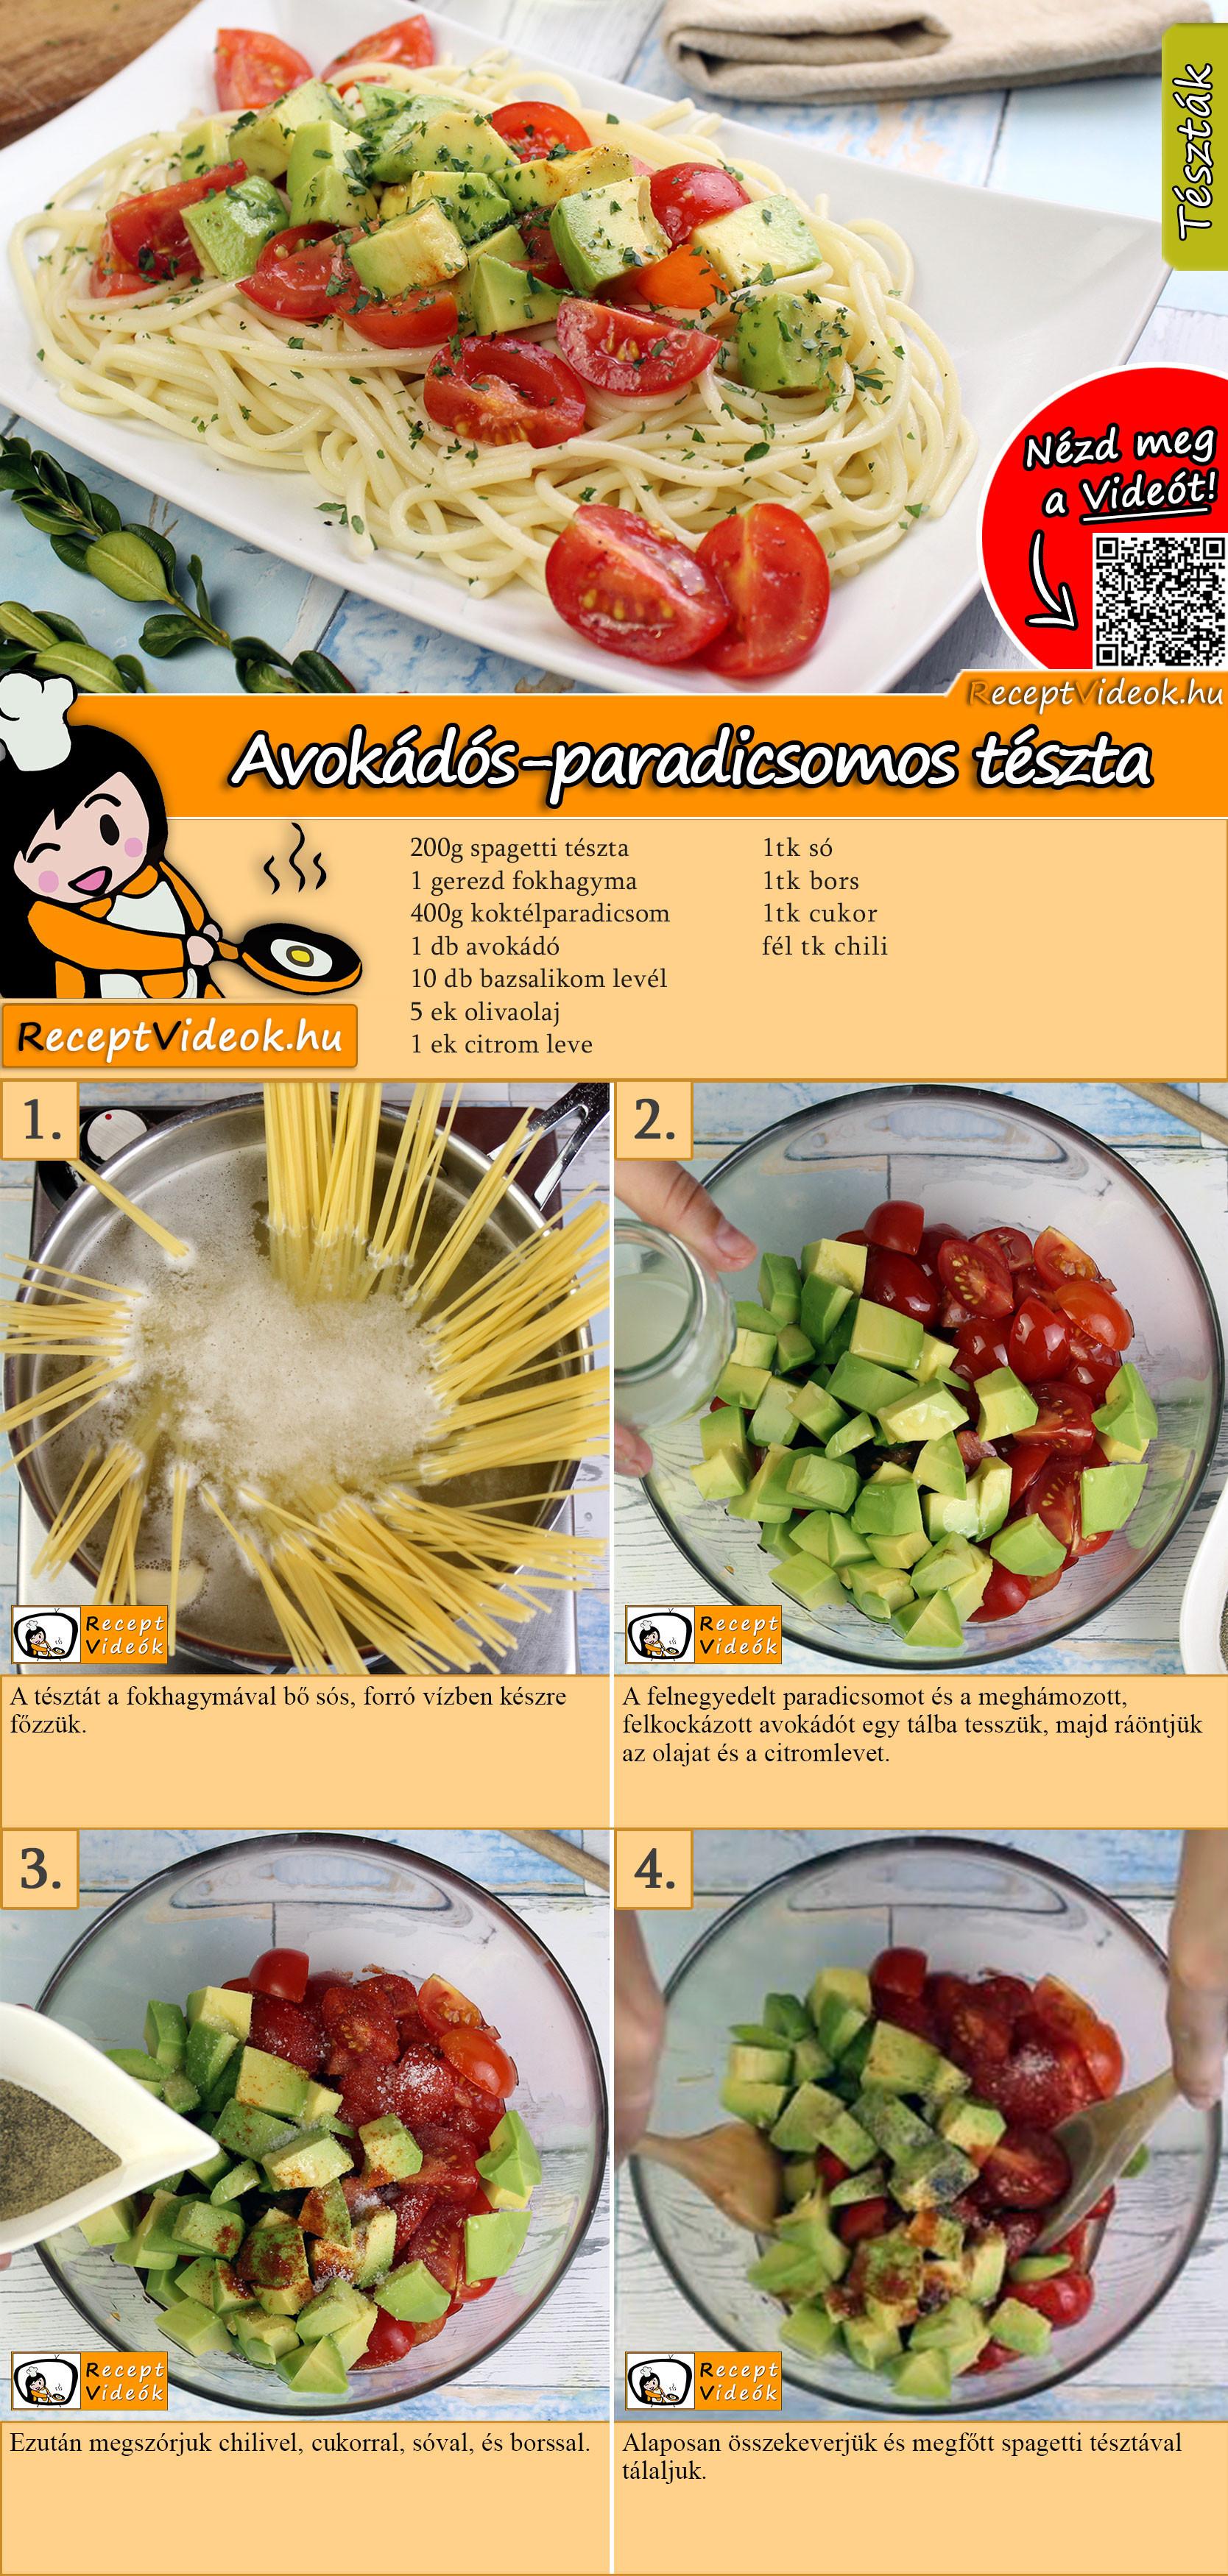 Avokádós-paradicsomos tészta recept elkészítése videóval